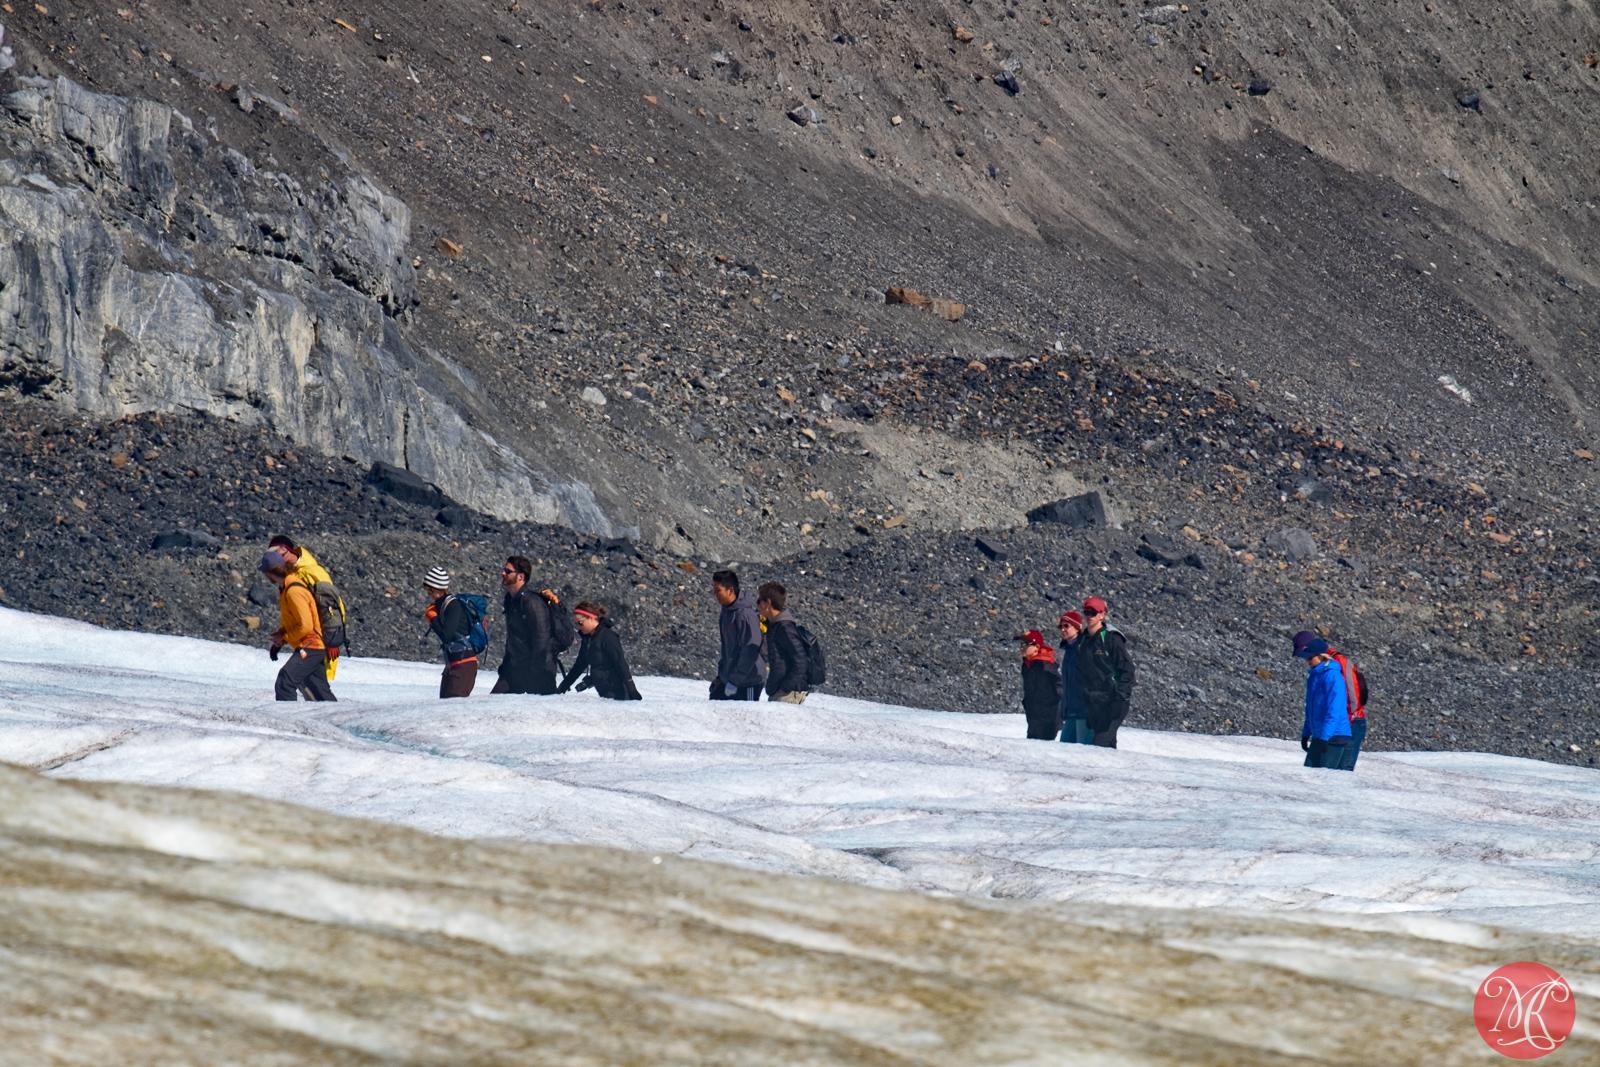 Waling up the glacier